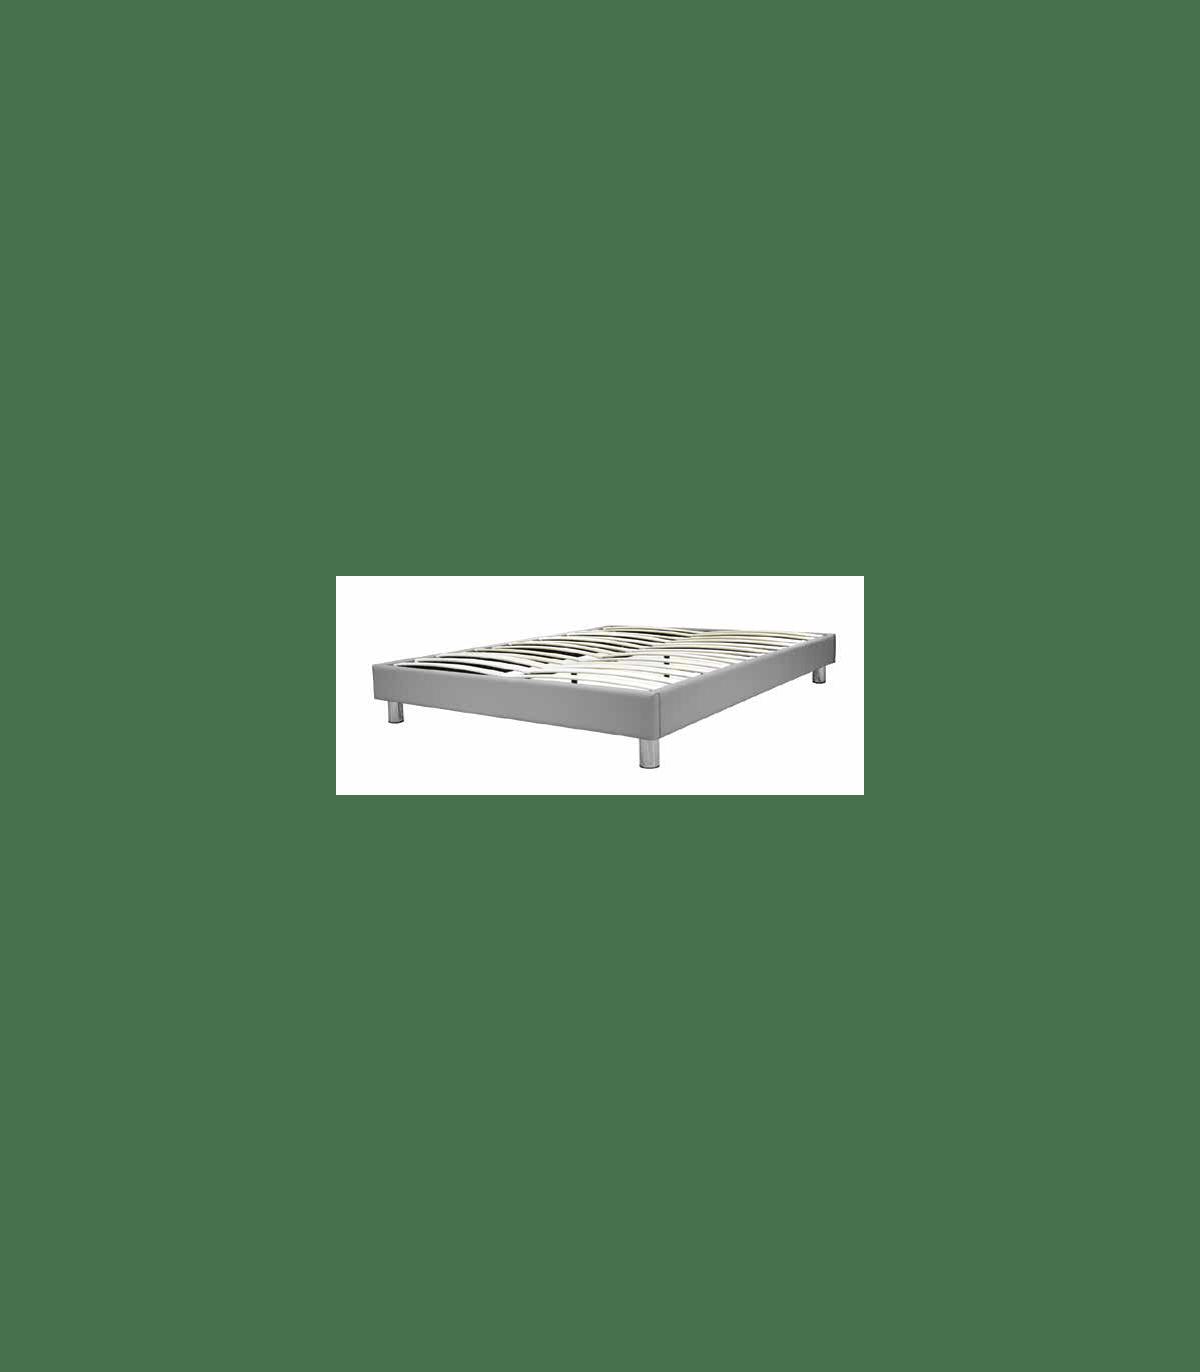 Sommier Deco Lbdm Cadre Design 26 Lattes Nues En Multiplis Plusieurs Revetements Pieds Chromes Demontable